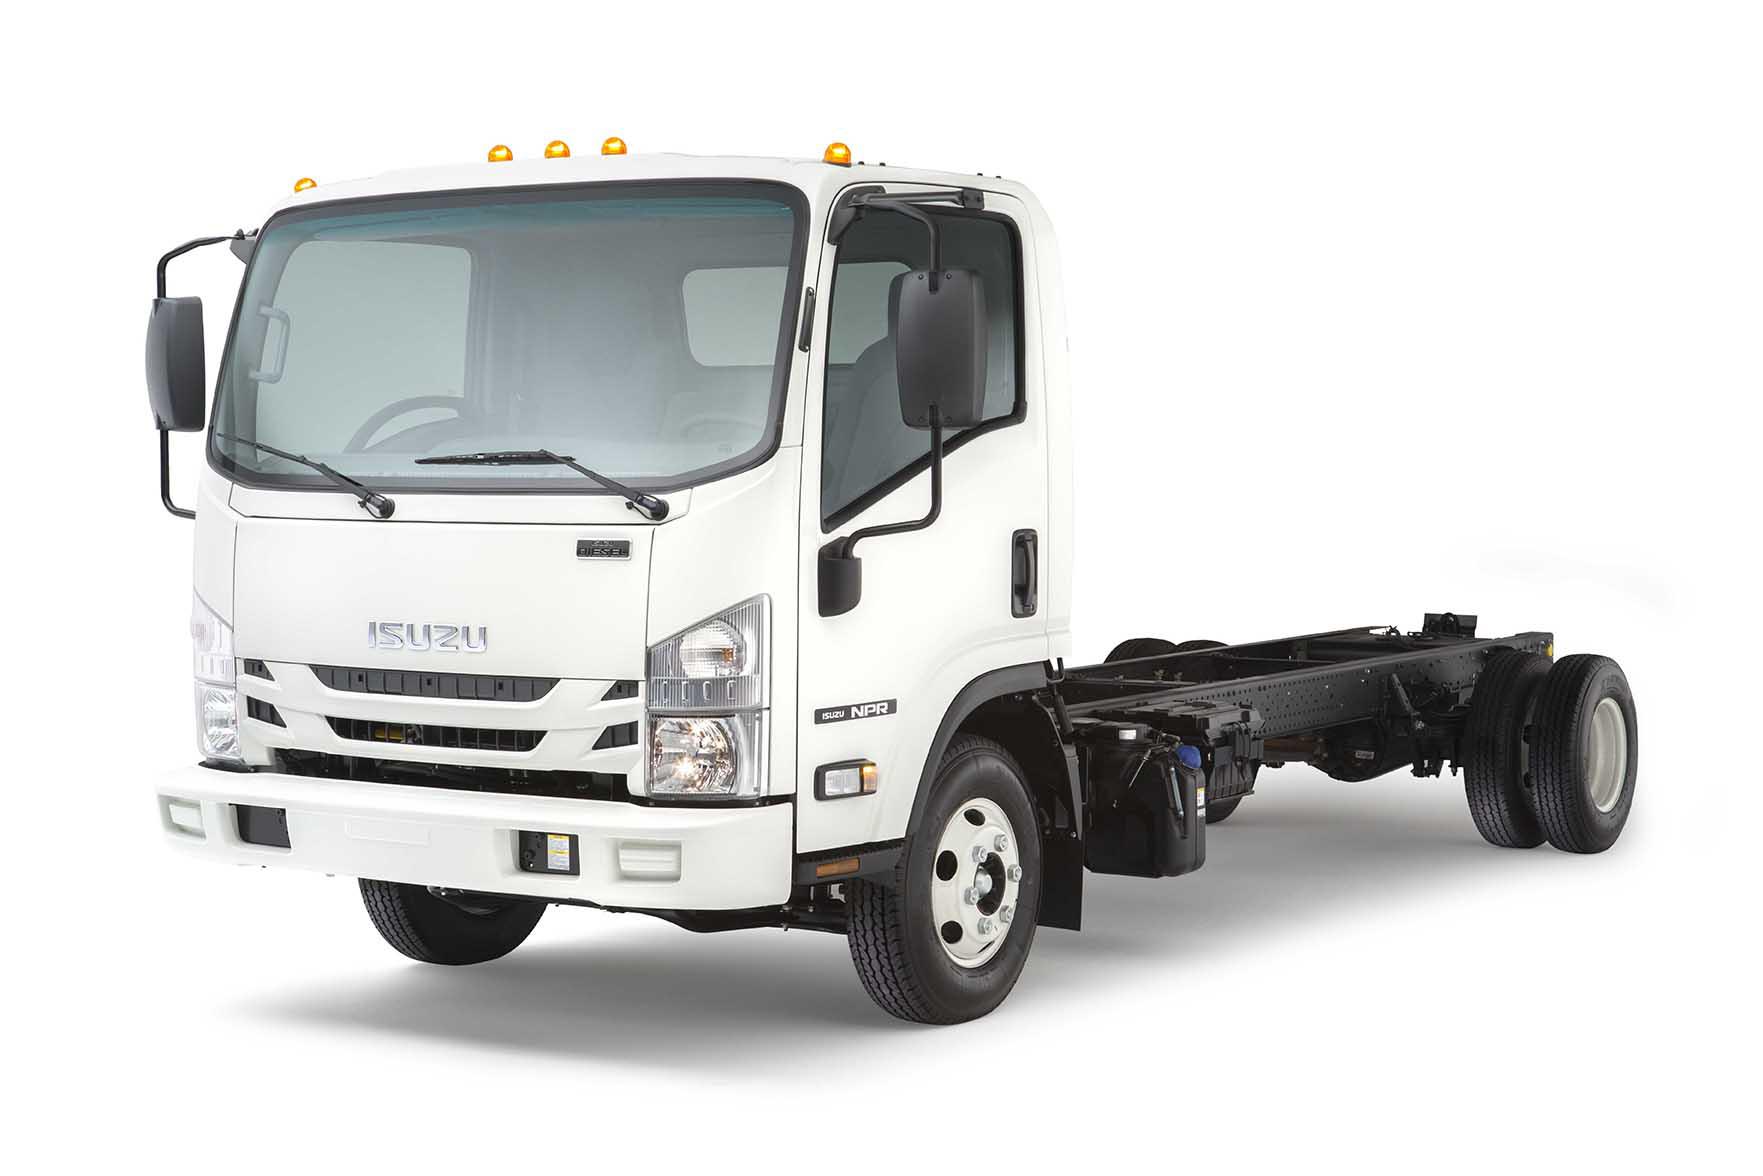 2016 Isuzu NPR Diesel